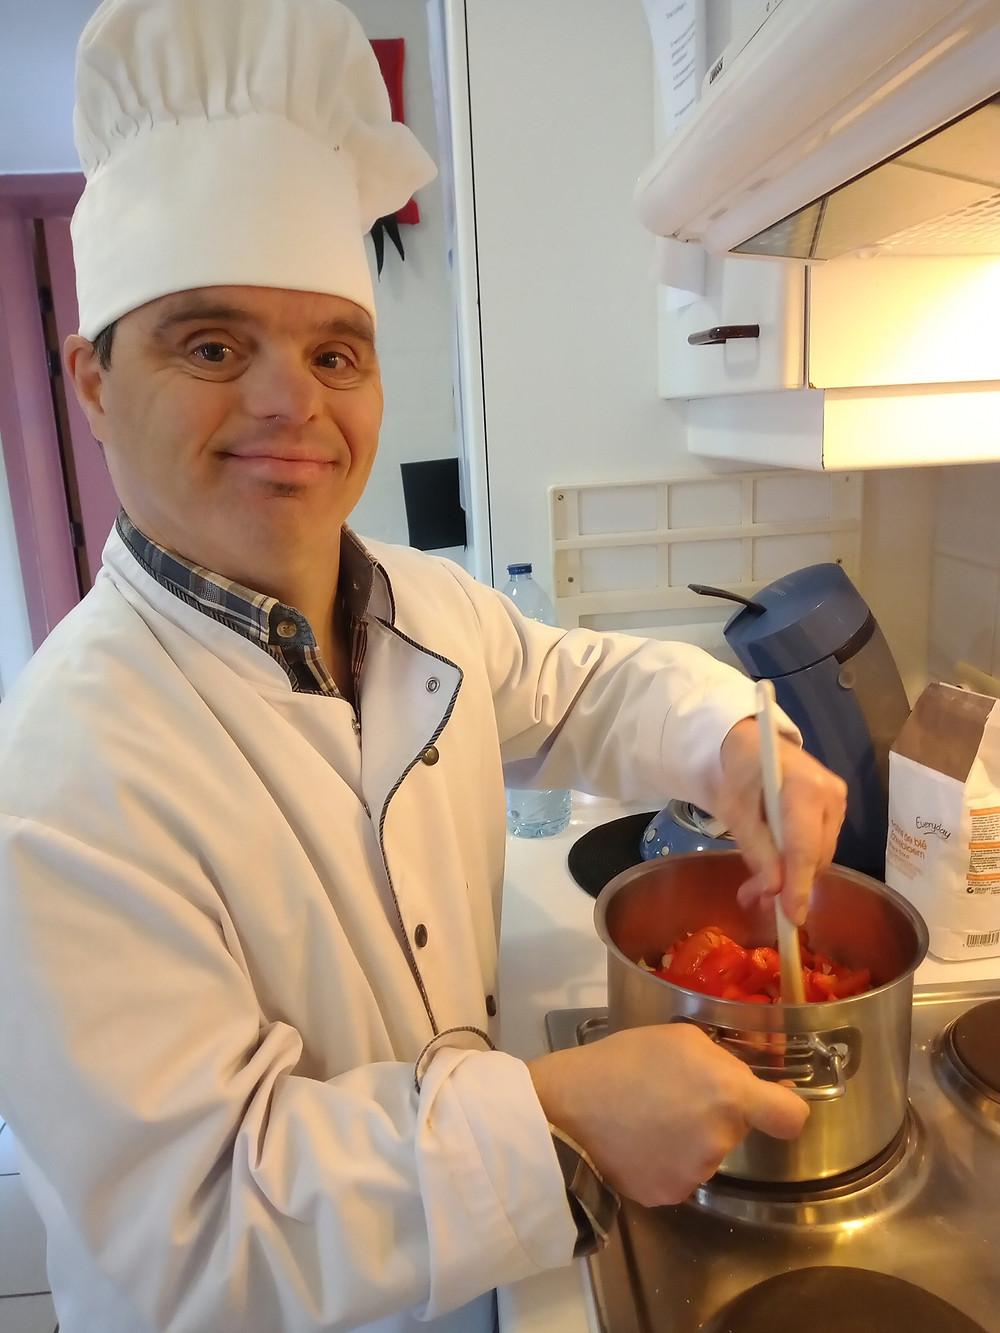 Bewoner van Ter Heide is aan het koken en draagt een koksoutfit